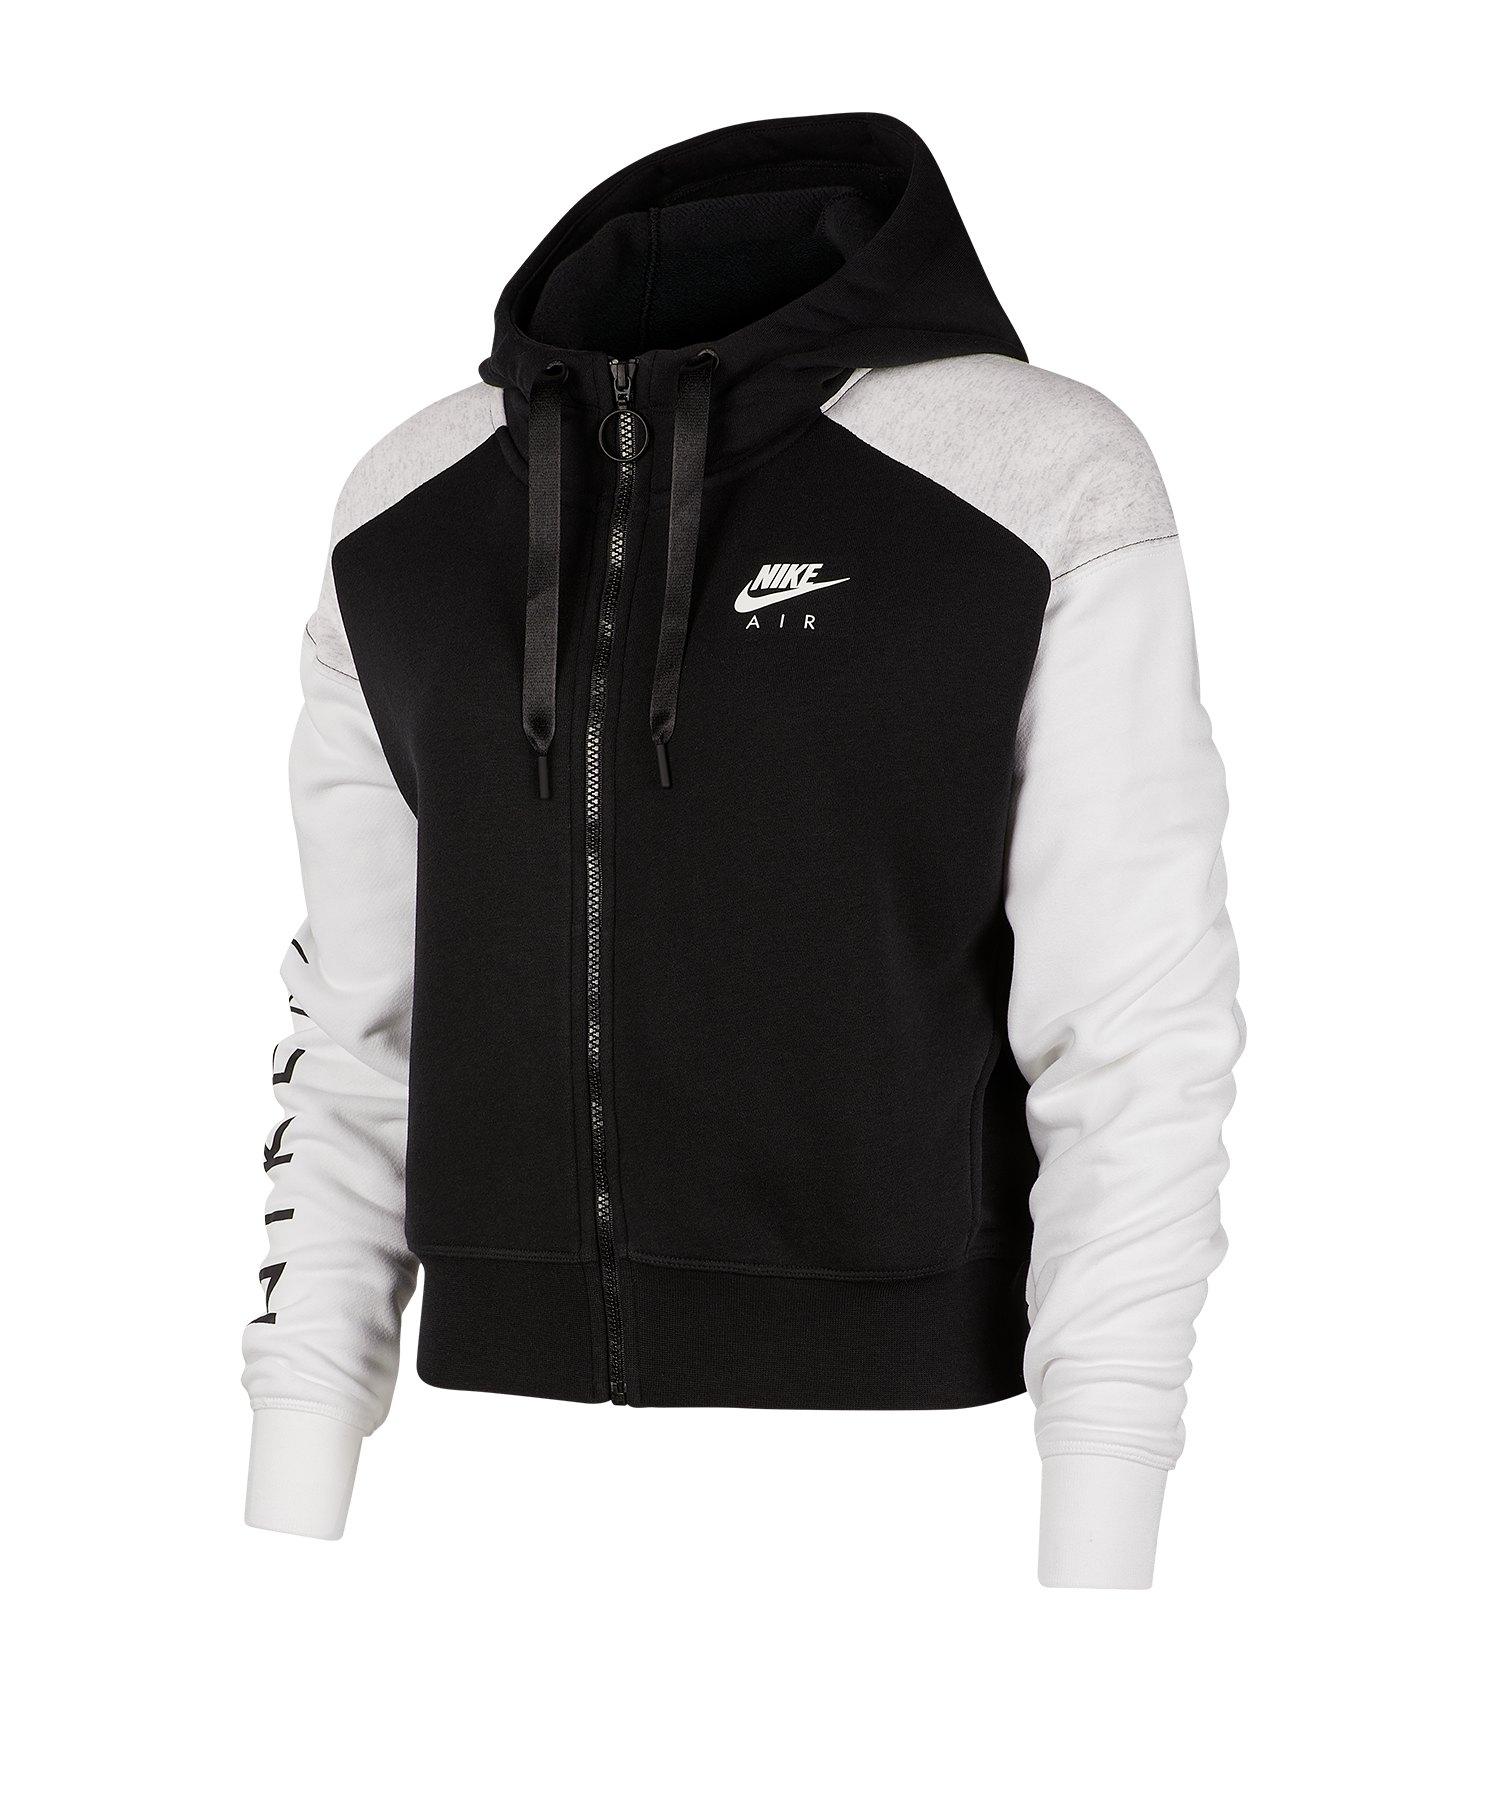 Nike Air Kapuzenjacke Damen Schwarz F010 - schwarz